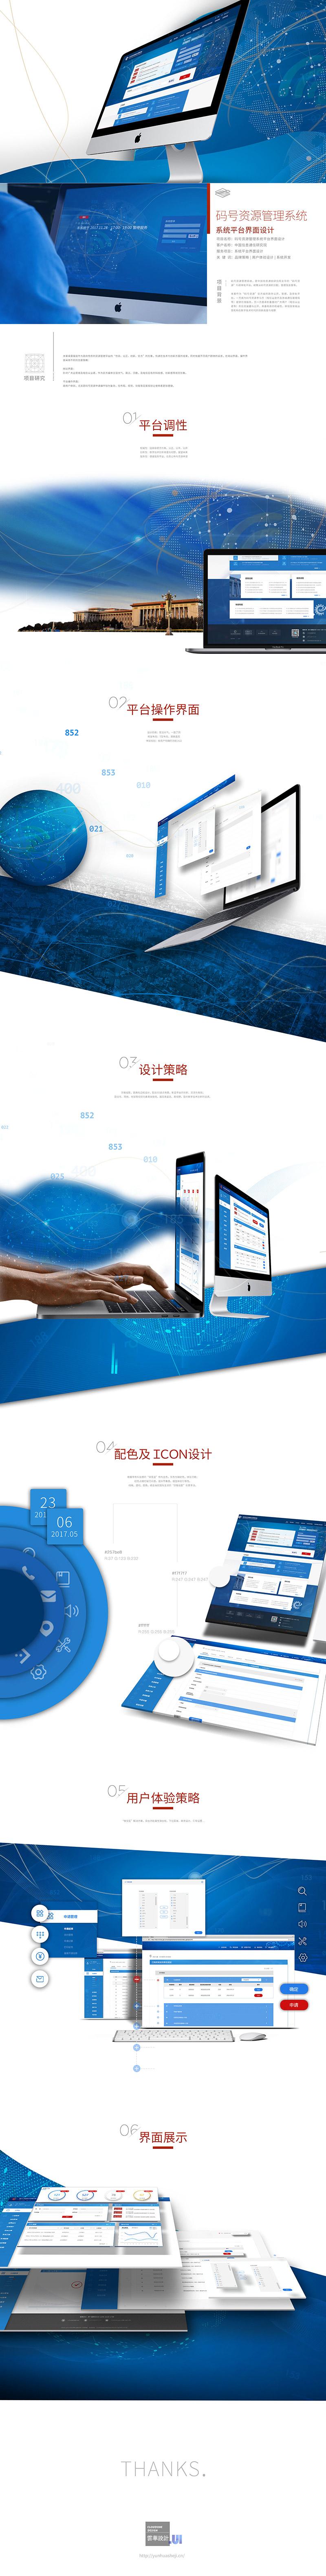 码号资源管理系统 平台UI界面设计